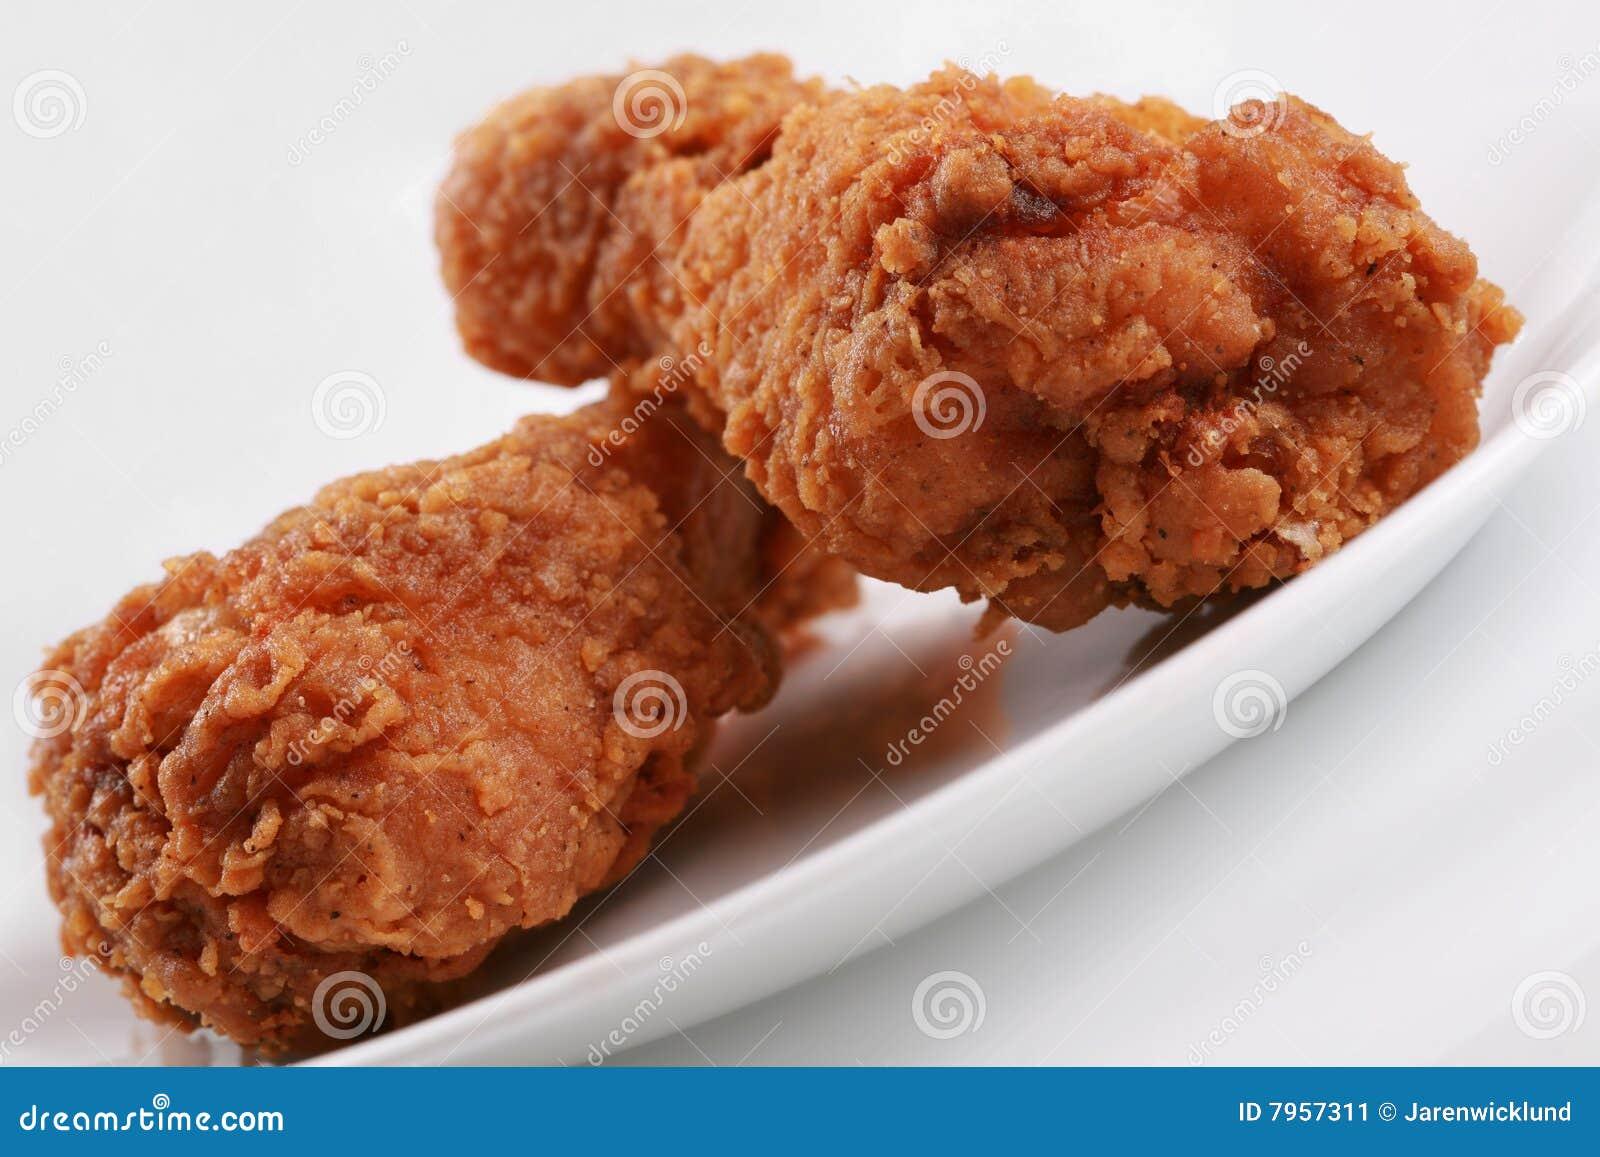 Chicken Drum Stick Two-crispy-fried-chicken- ...